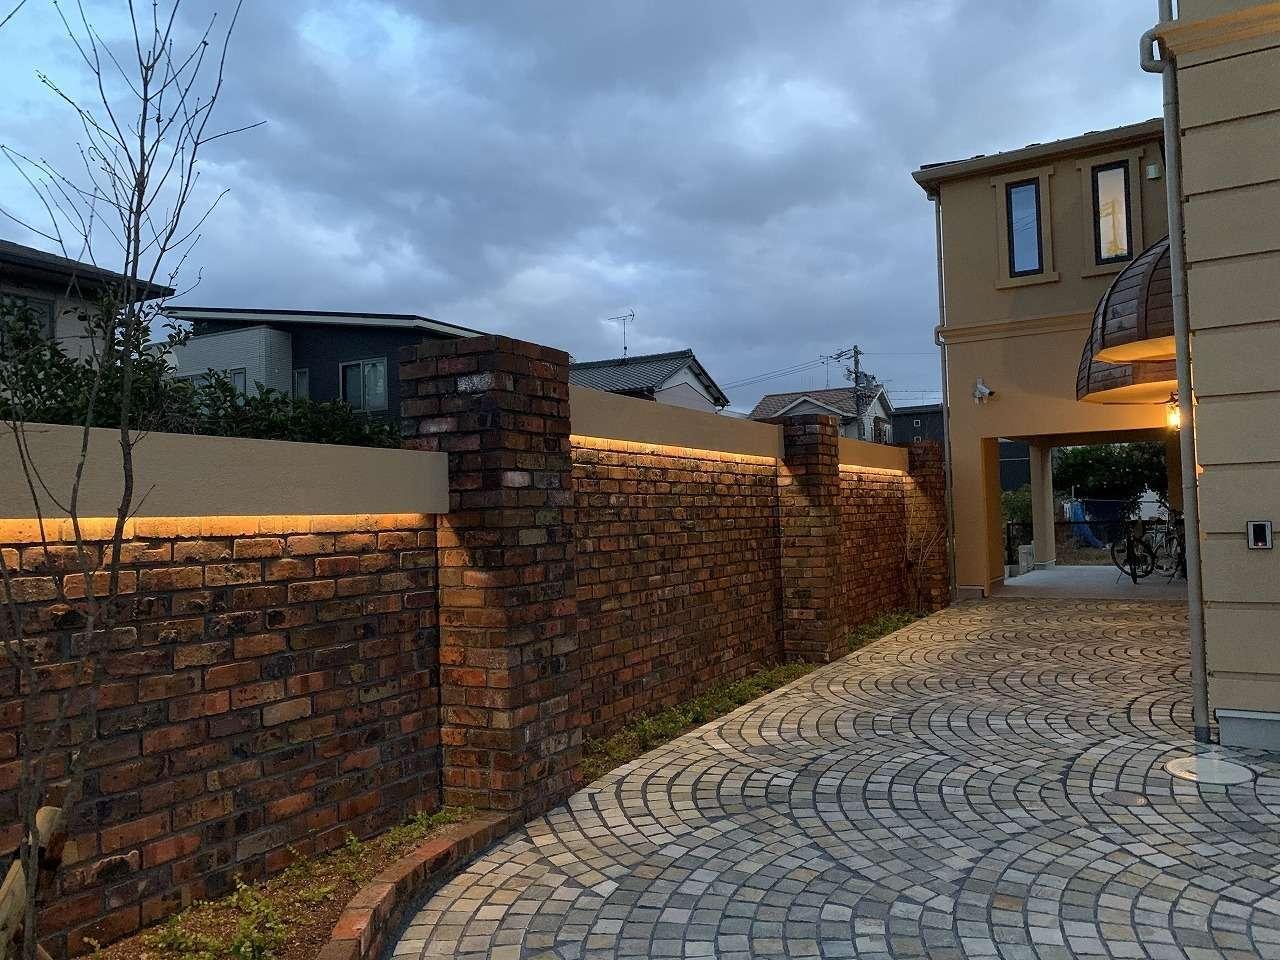 ツリーズ【デザイン住宅、輸入住宅、建築家】石畳のアプローチ、レンガの塀が高級感を演出。選ばれたお客様だけが入店できるというステイタスを感じる